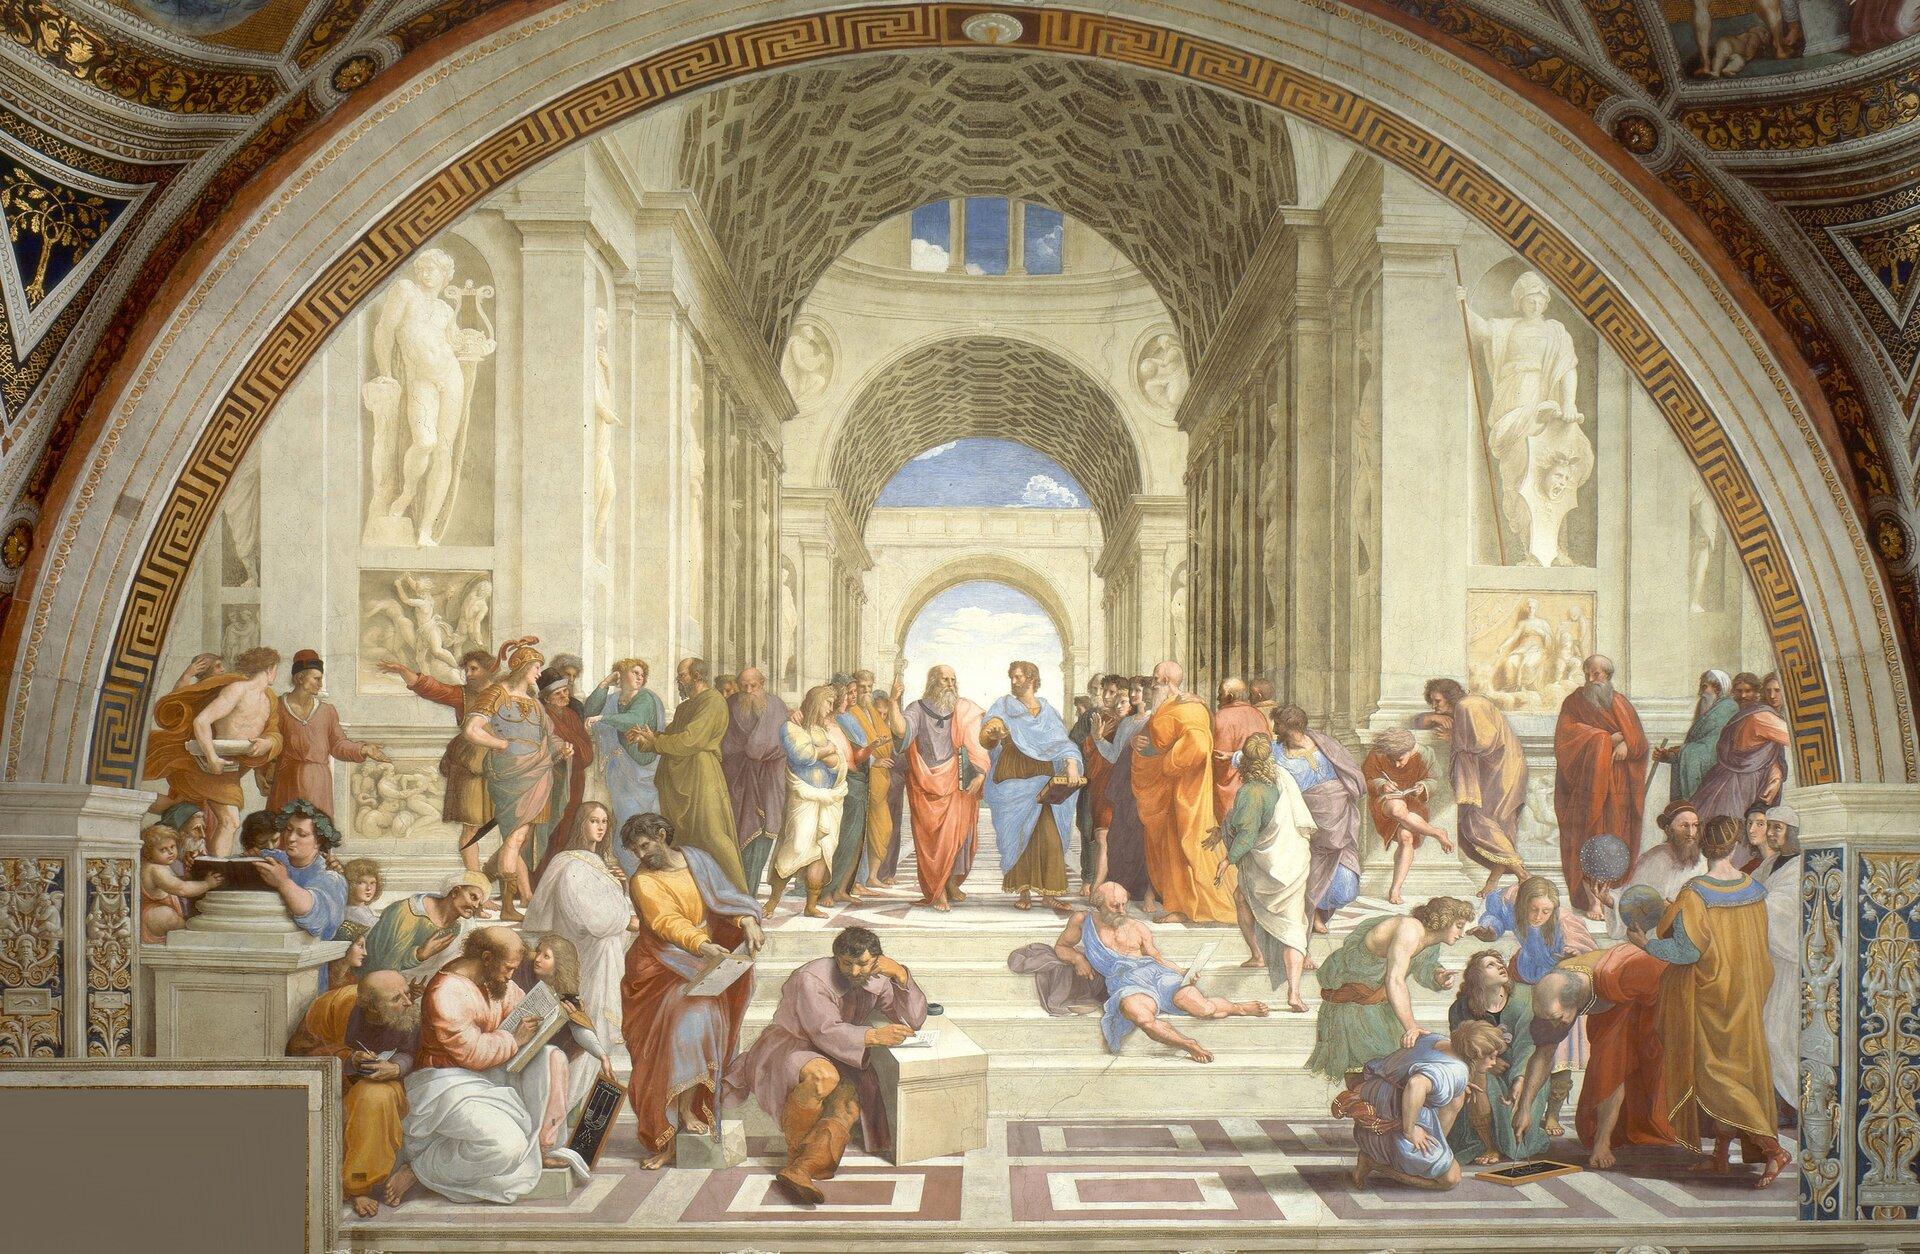 Szkoła ateńska Źródło: Rafael Santi, Szkoła ateńska, 1510–1511, domena publiczna.